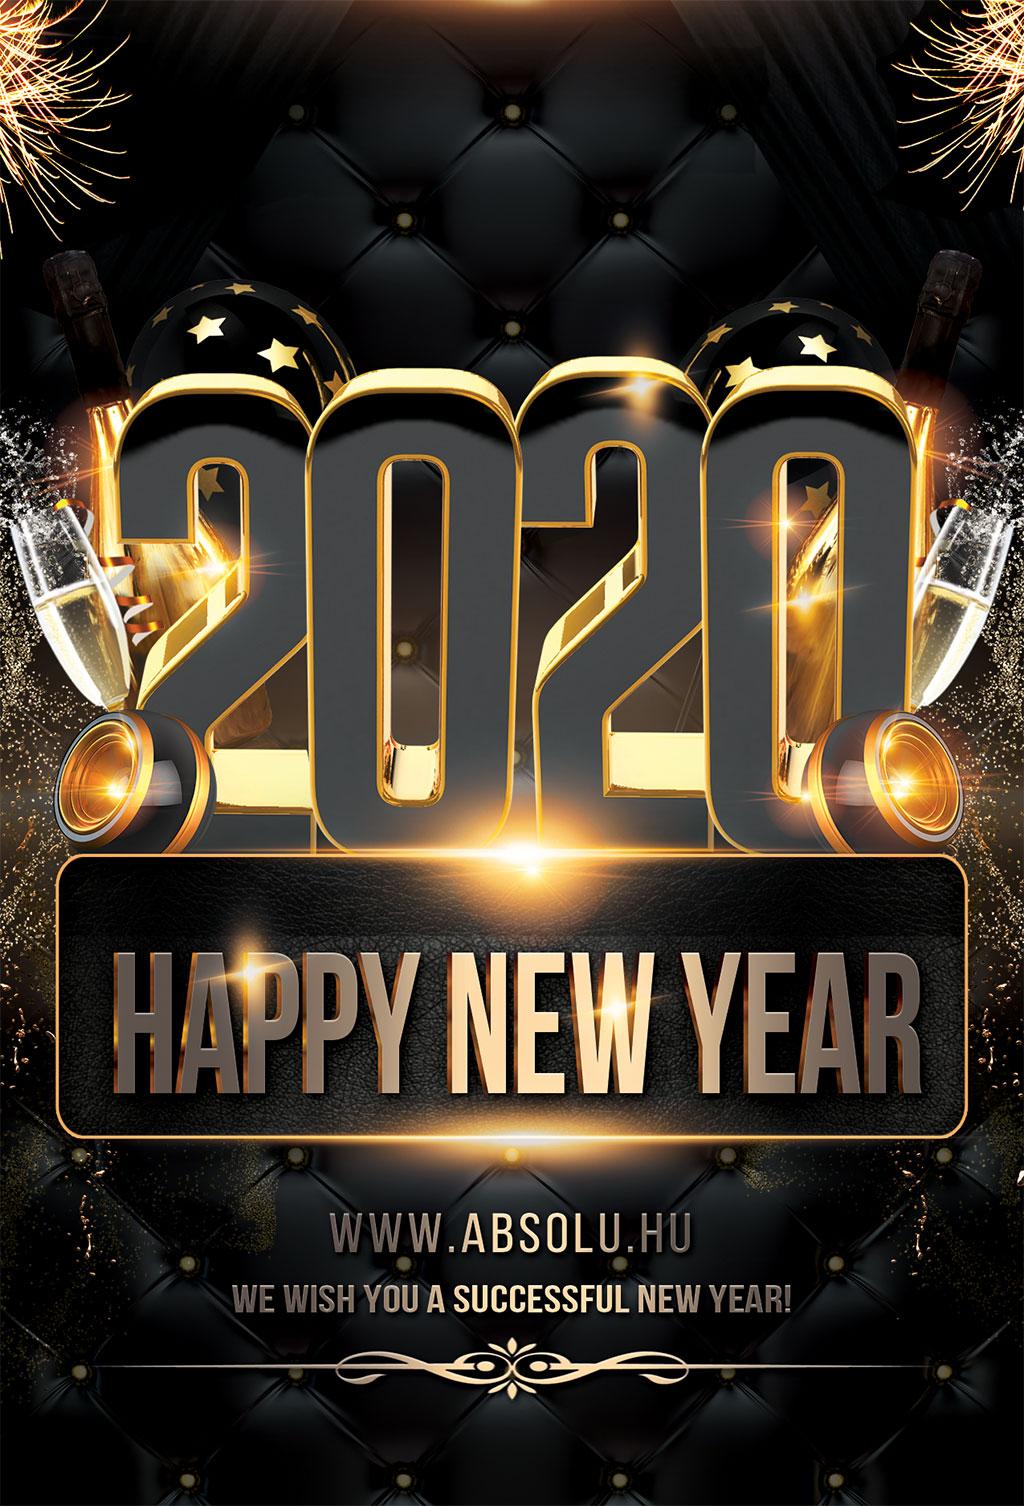 Boldog és sikeres új évet kívánunk!